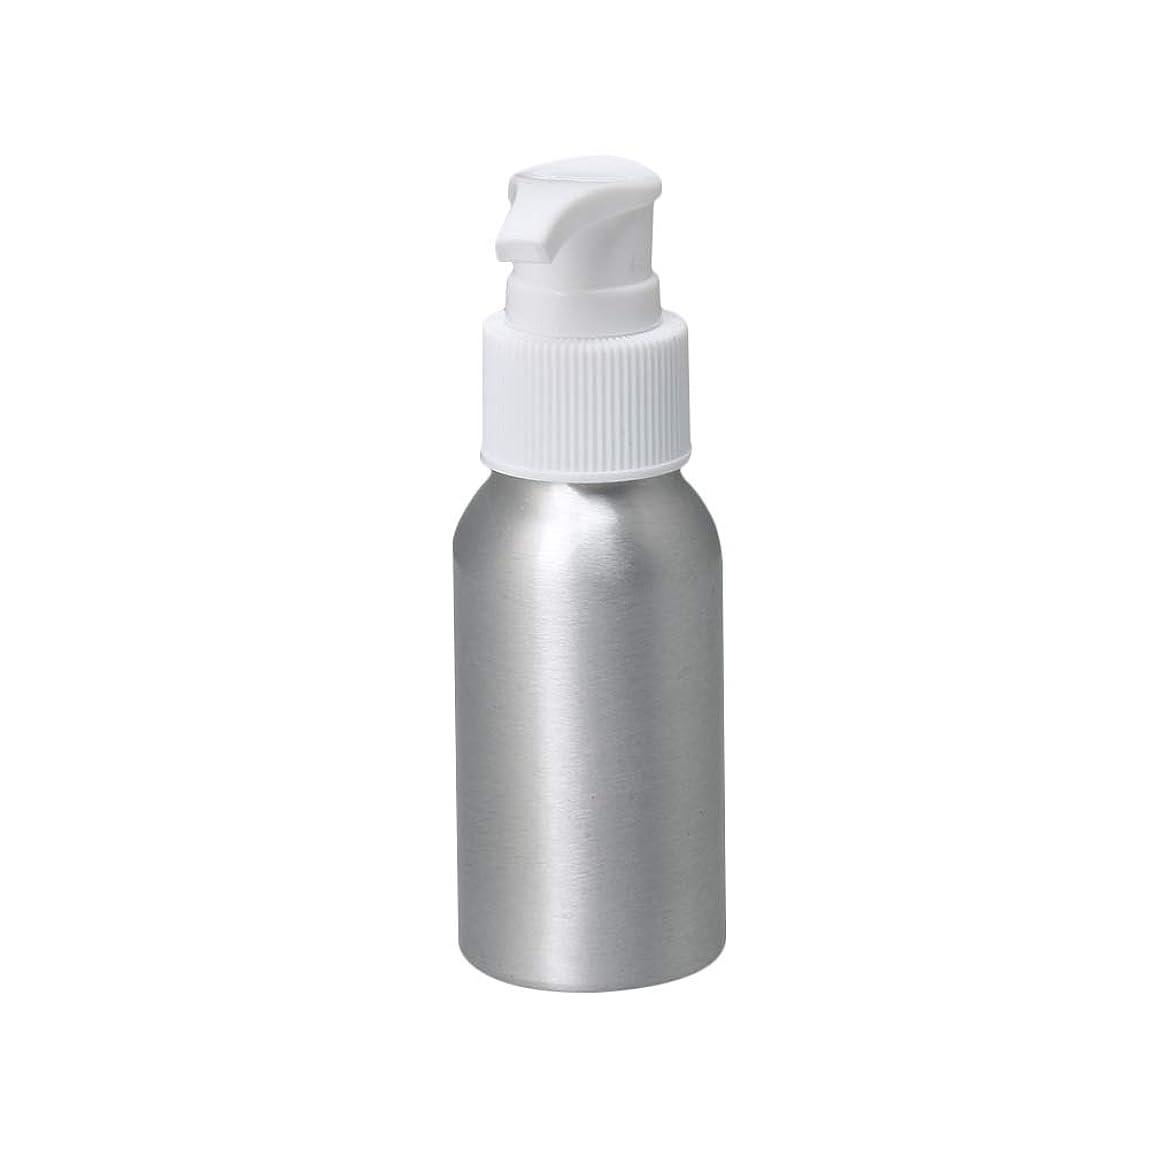 芸術的デマンド送信するポンプボトル 50ml コスメ用詰替え容器 詰め替え用ボトル アルミボトル 繰り返し使用 噴霧器 アルミボトル 白ポンプヘッド